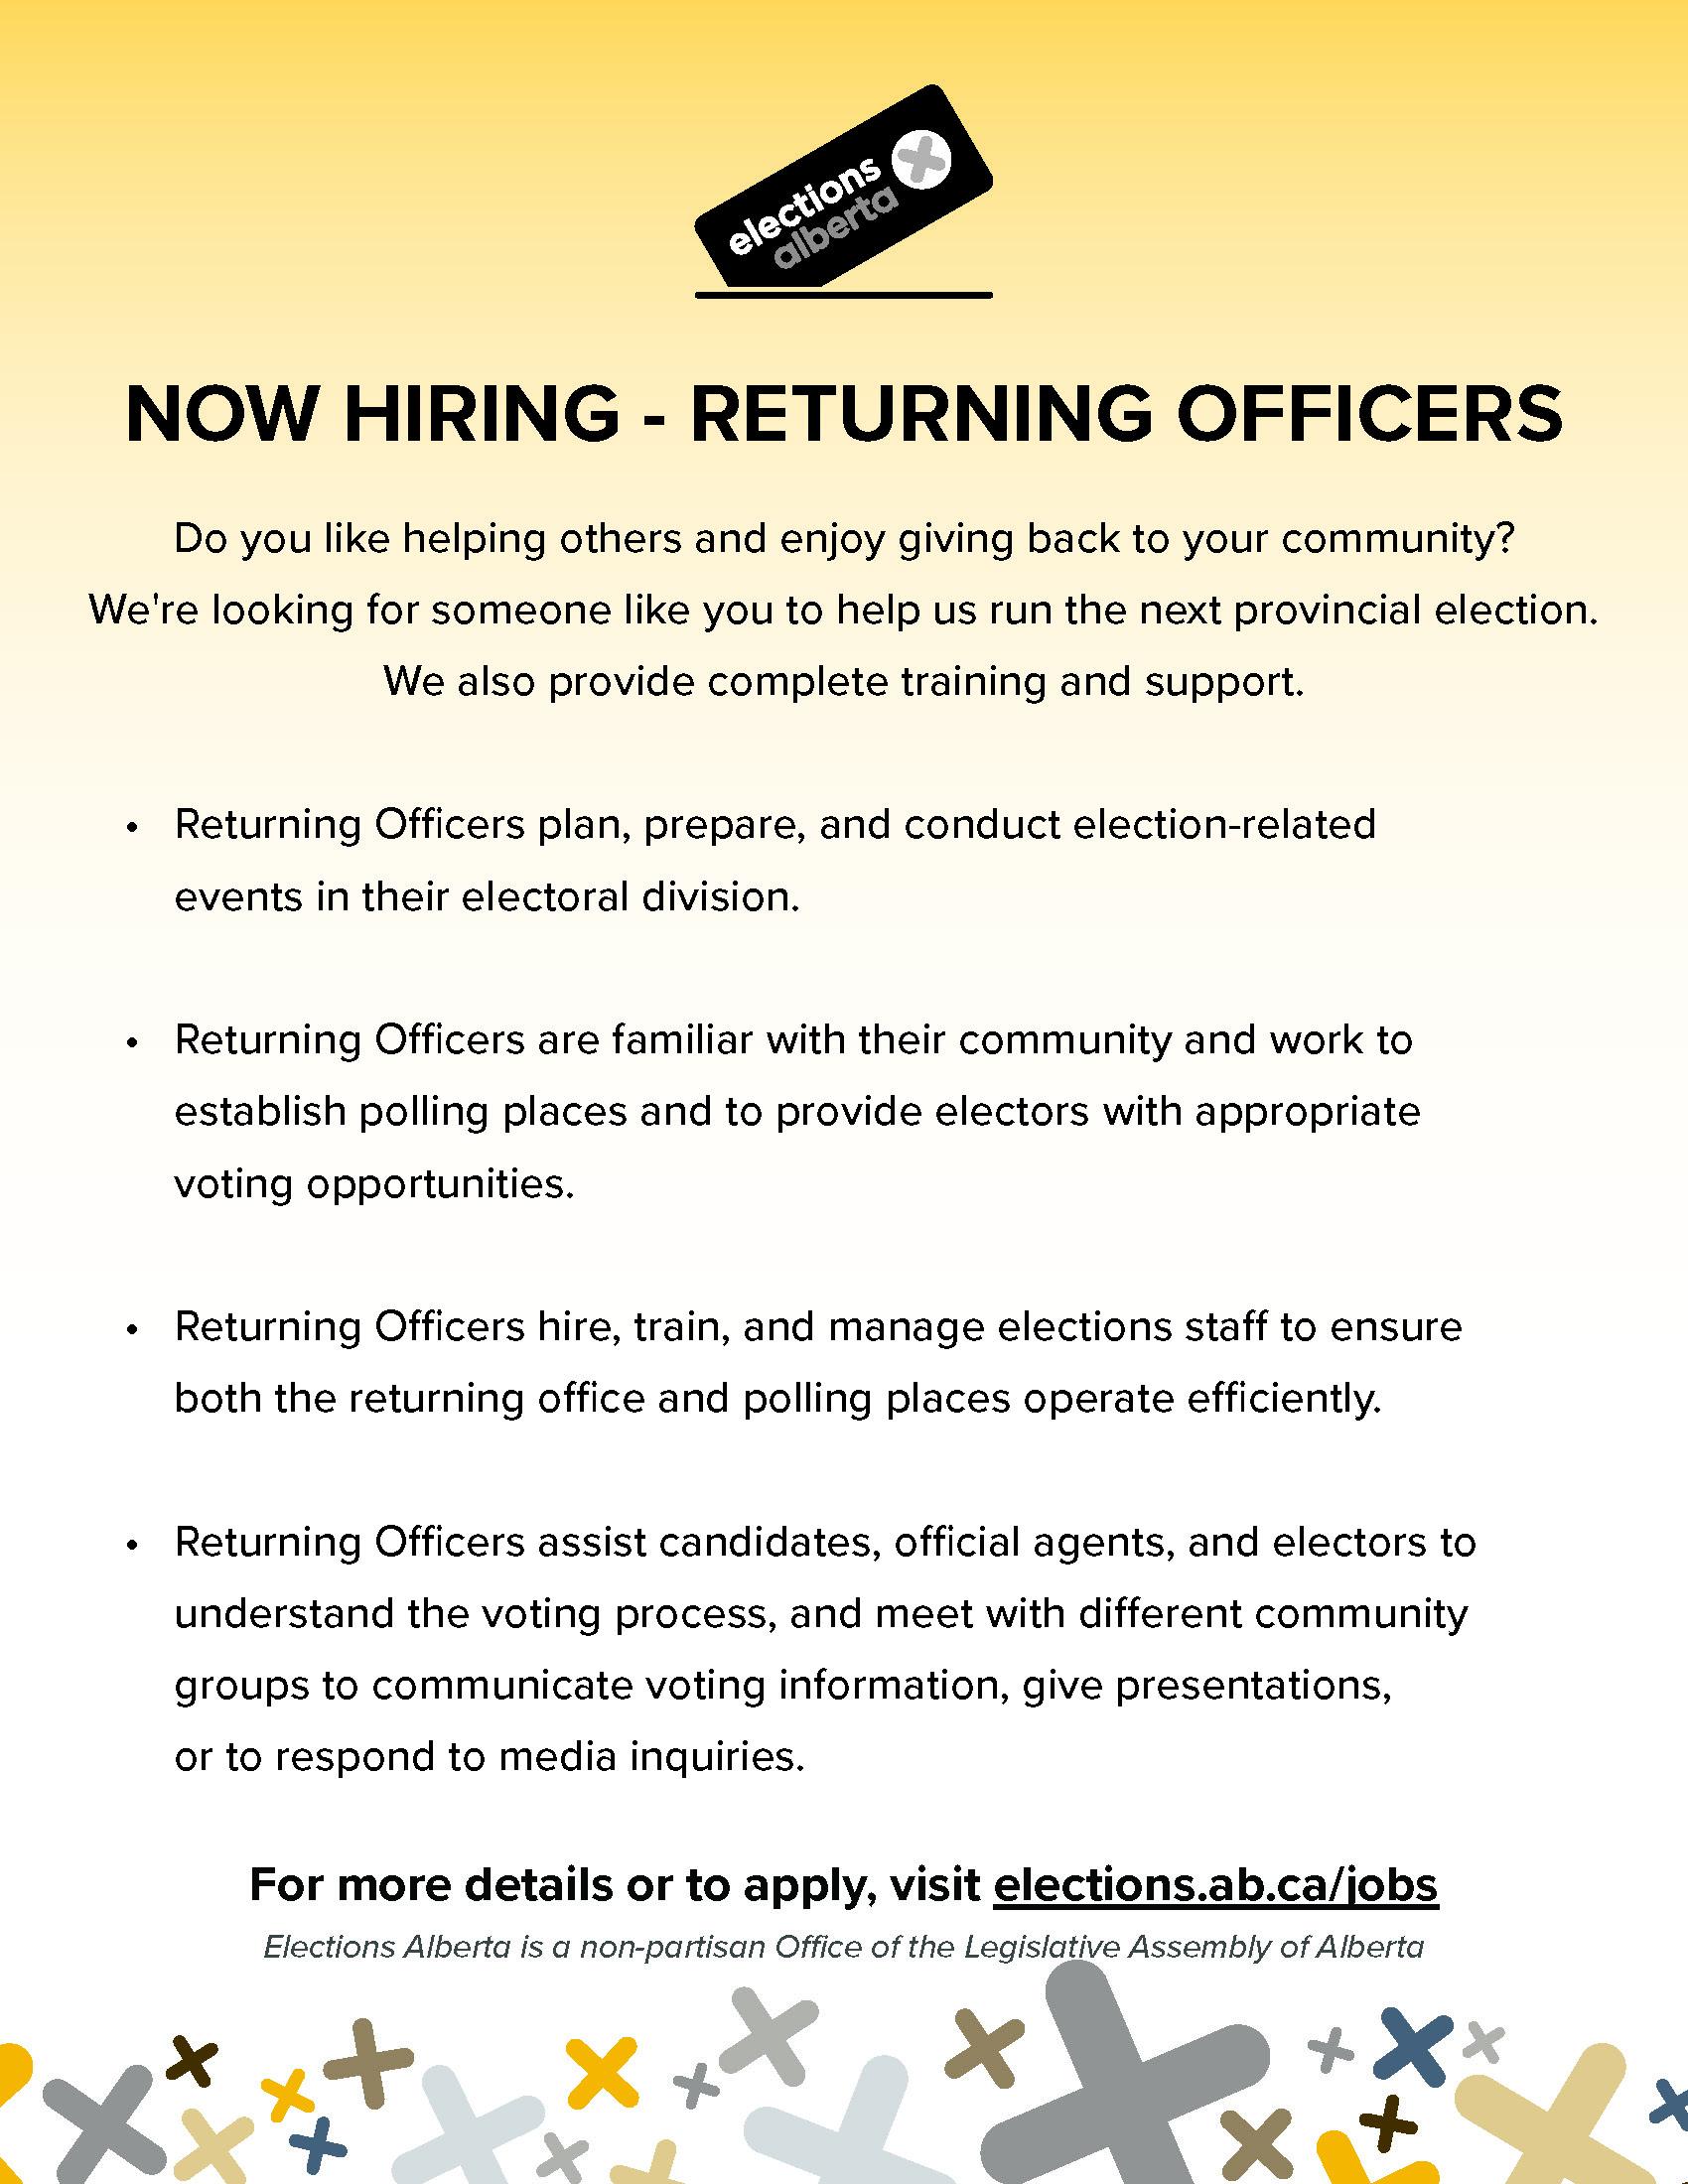 returning officer ad